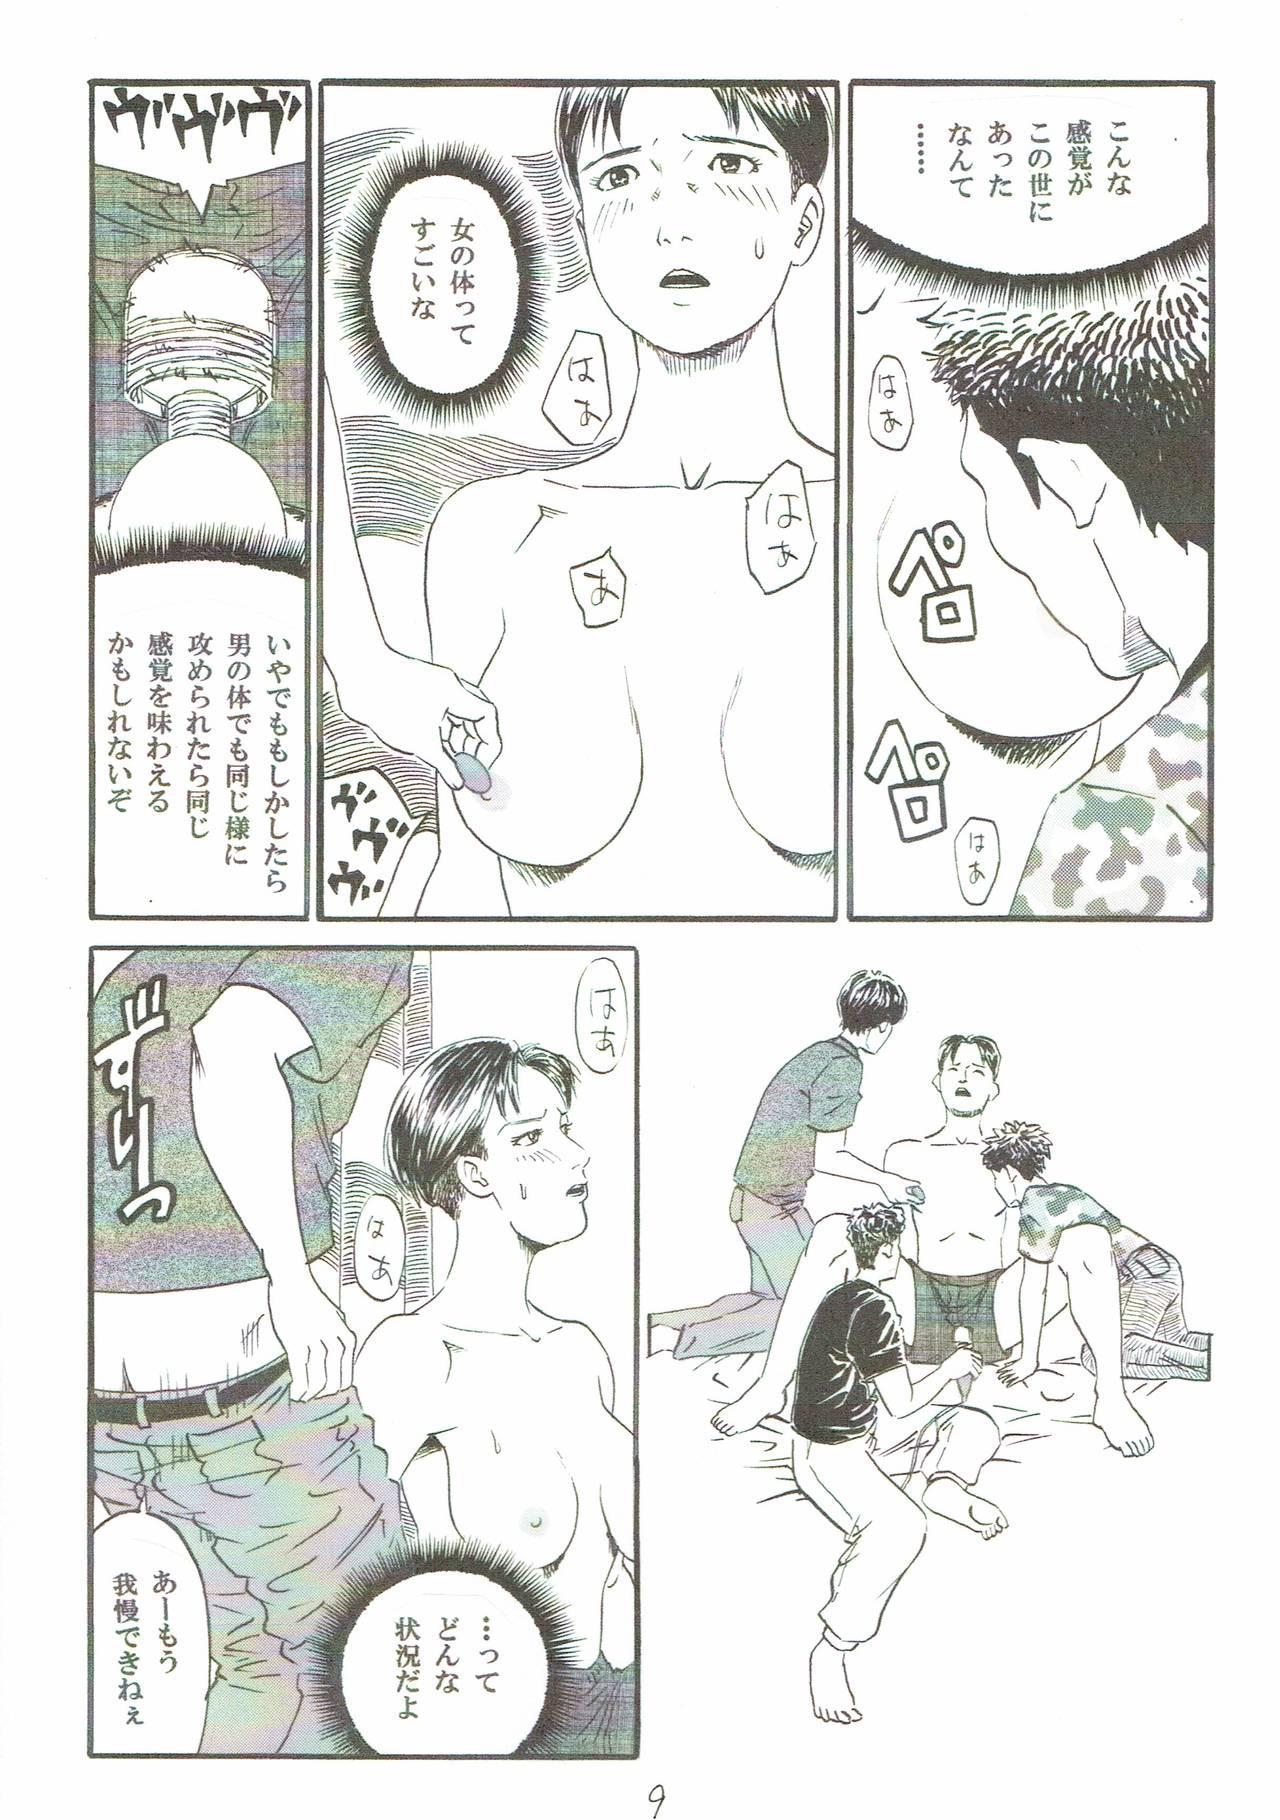 Atarashii Seikyouiku5 9